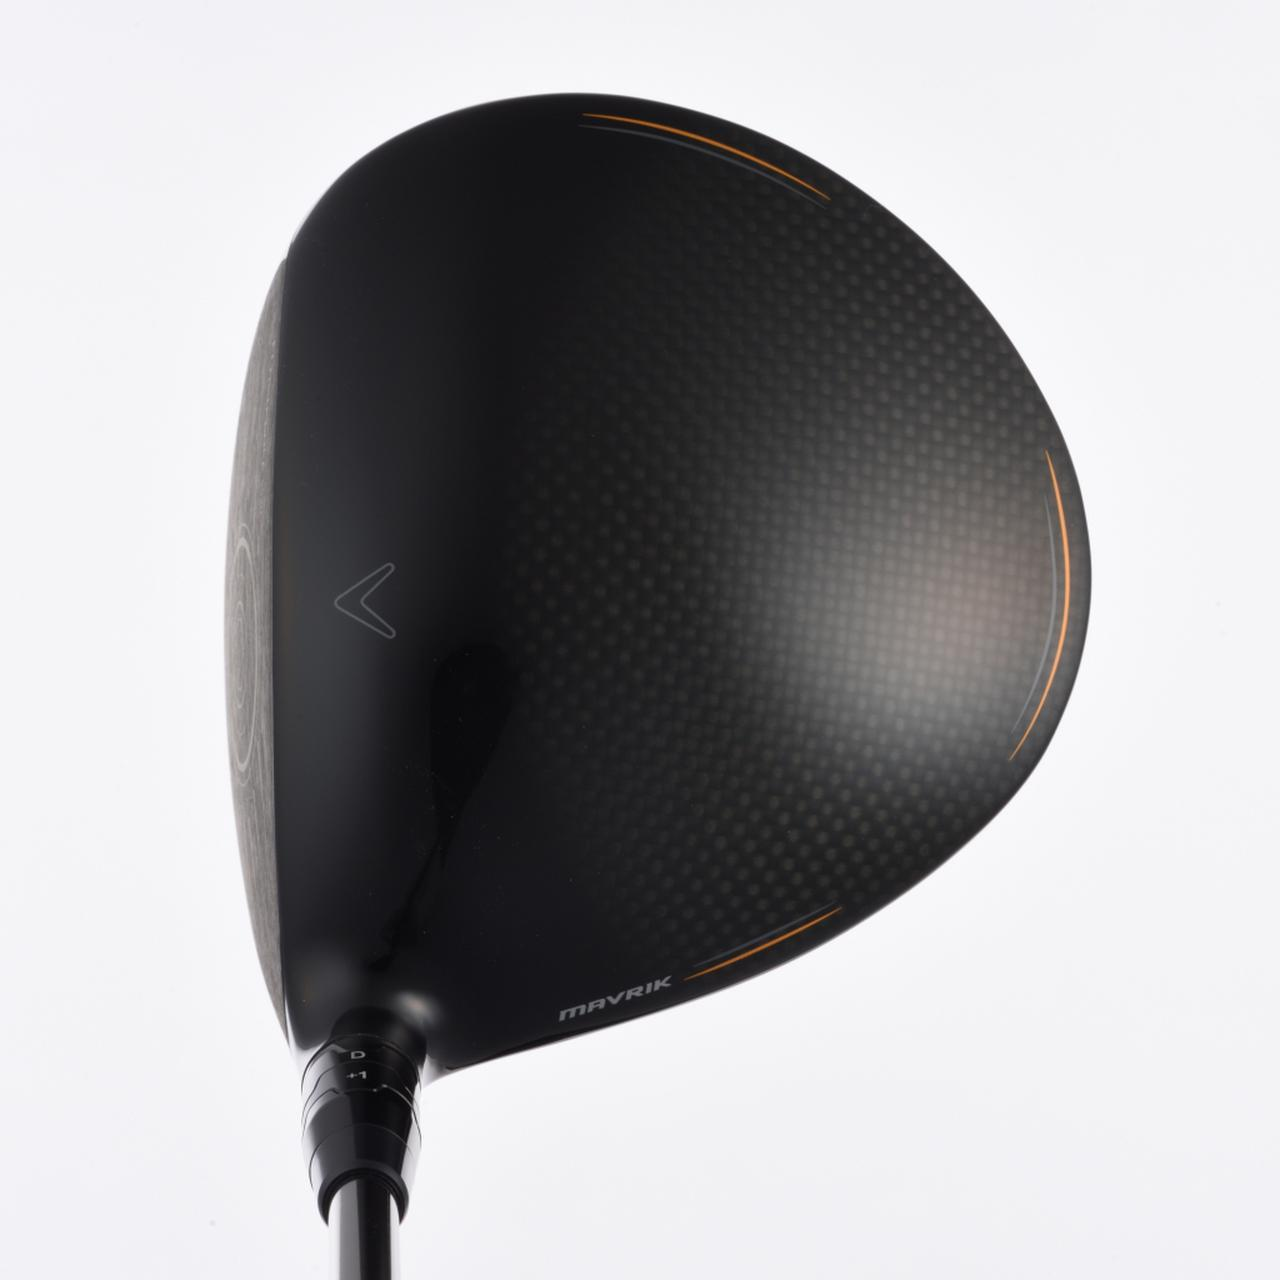 画像2: ドライバーのヘッド形状を加味してAIがフェース設計